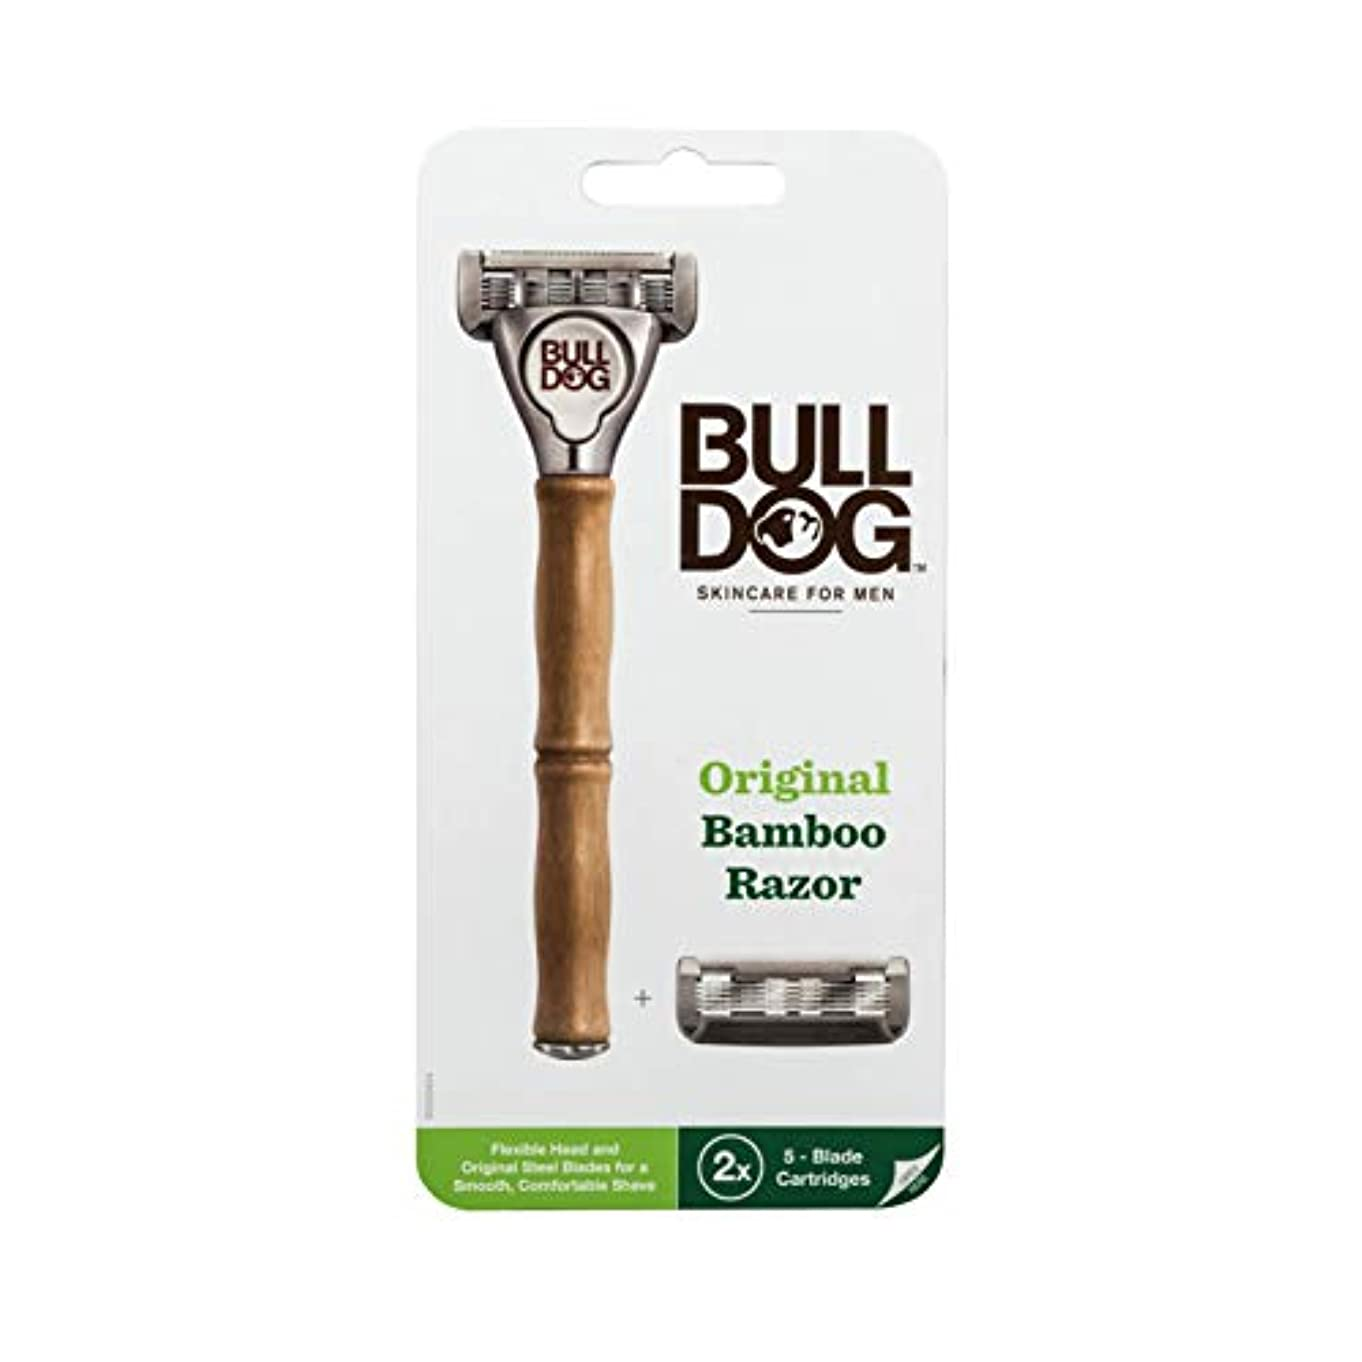 霜半円相対性理論Bulldog(ブルドッグ) ブルドッグ Bulldog 5枚刃 オリジナルバンブーホルダー 水に強い竹製ハンドル 替刃 2コ付 男性カミソリ ホルダー(1本)、替刃2コ付き(内1コ本体装着済み)